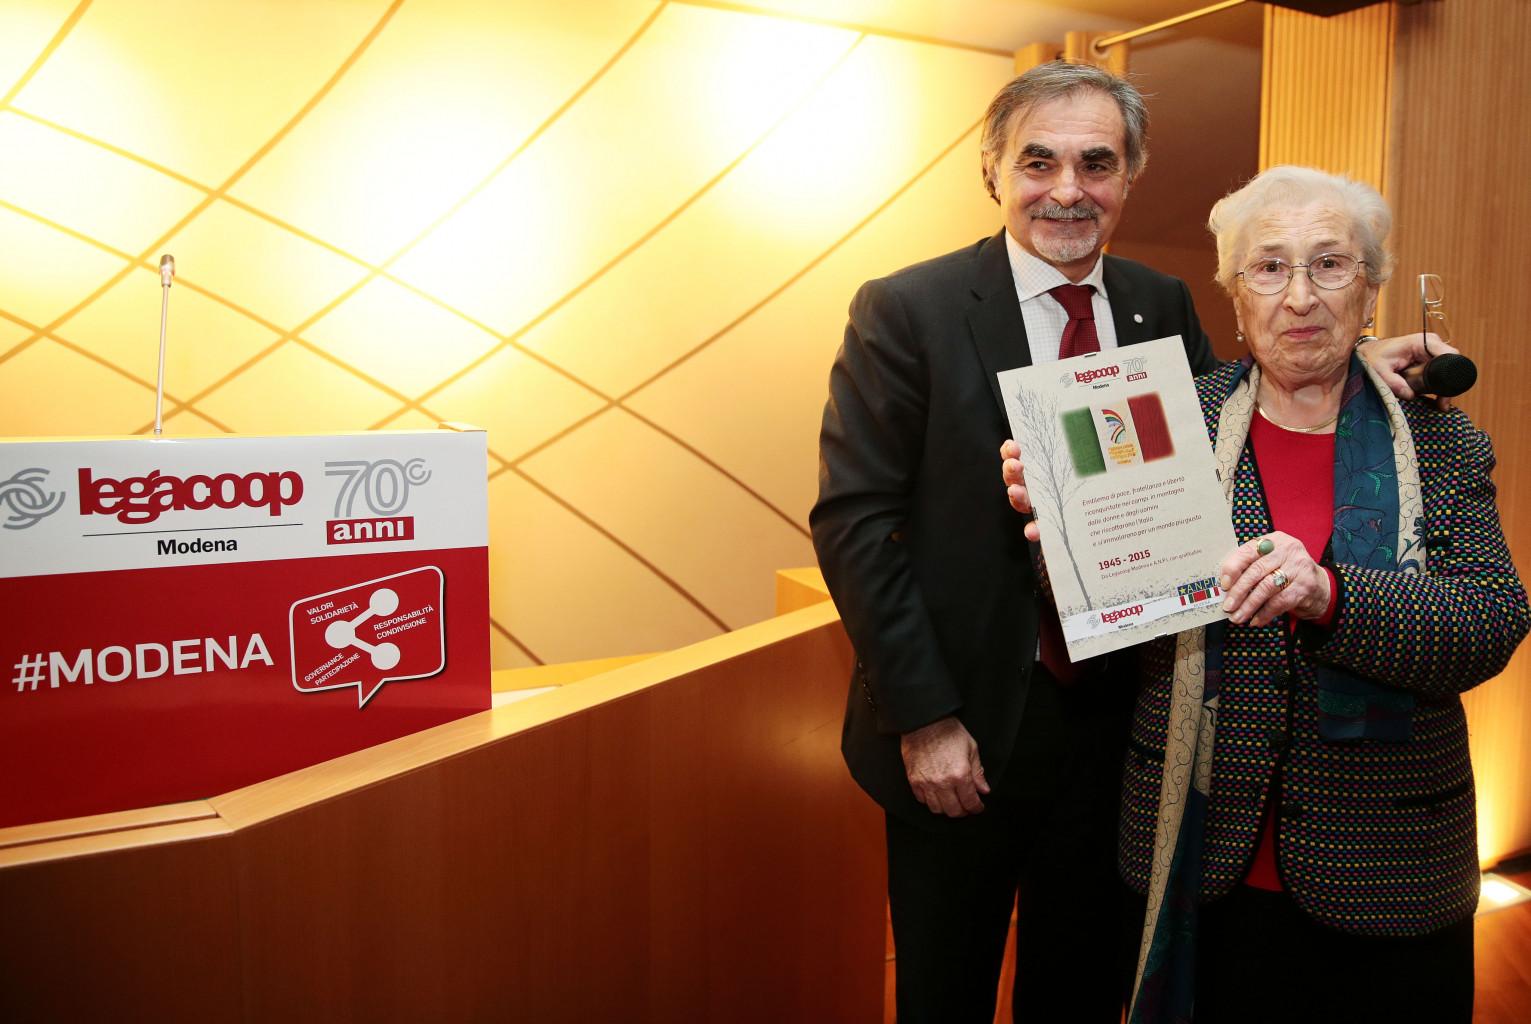 Scomparsa di Aude Pacchioni: il cordoglio di Legacoop Estense